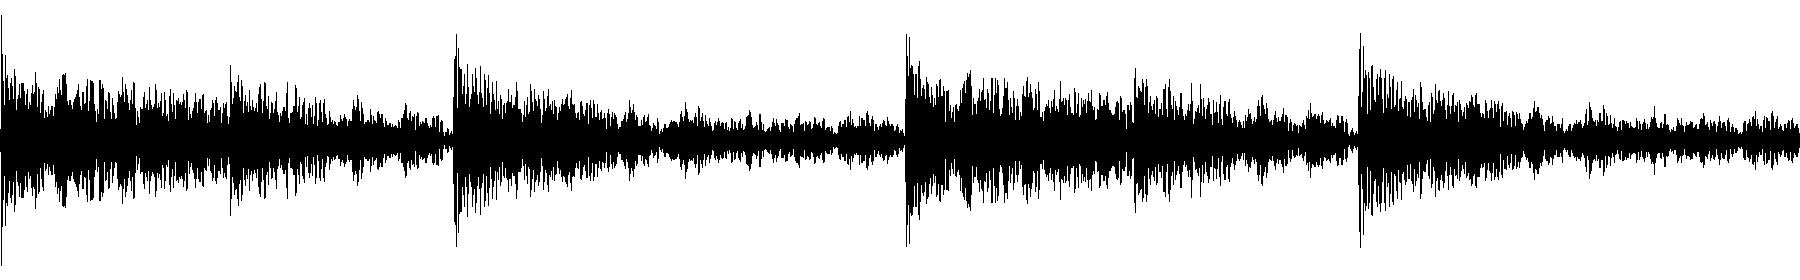 blbc cinedrumsa 130 03